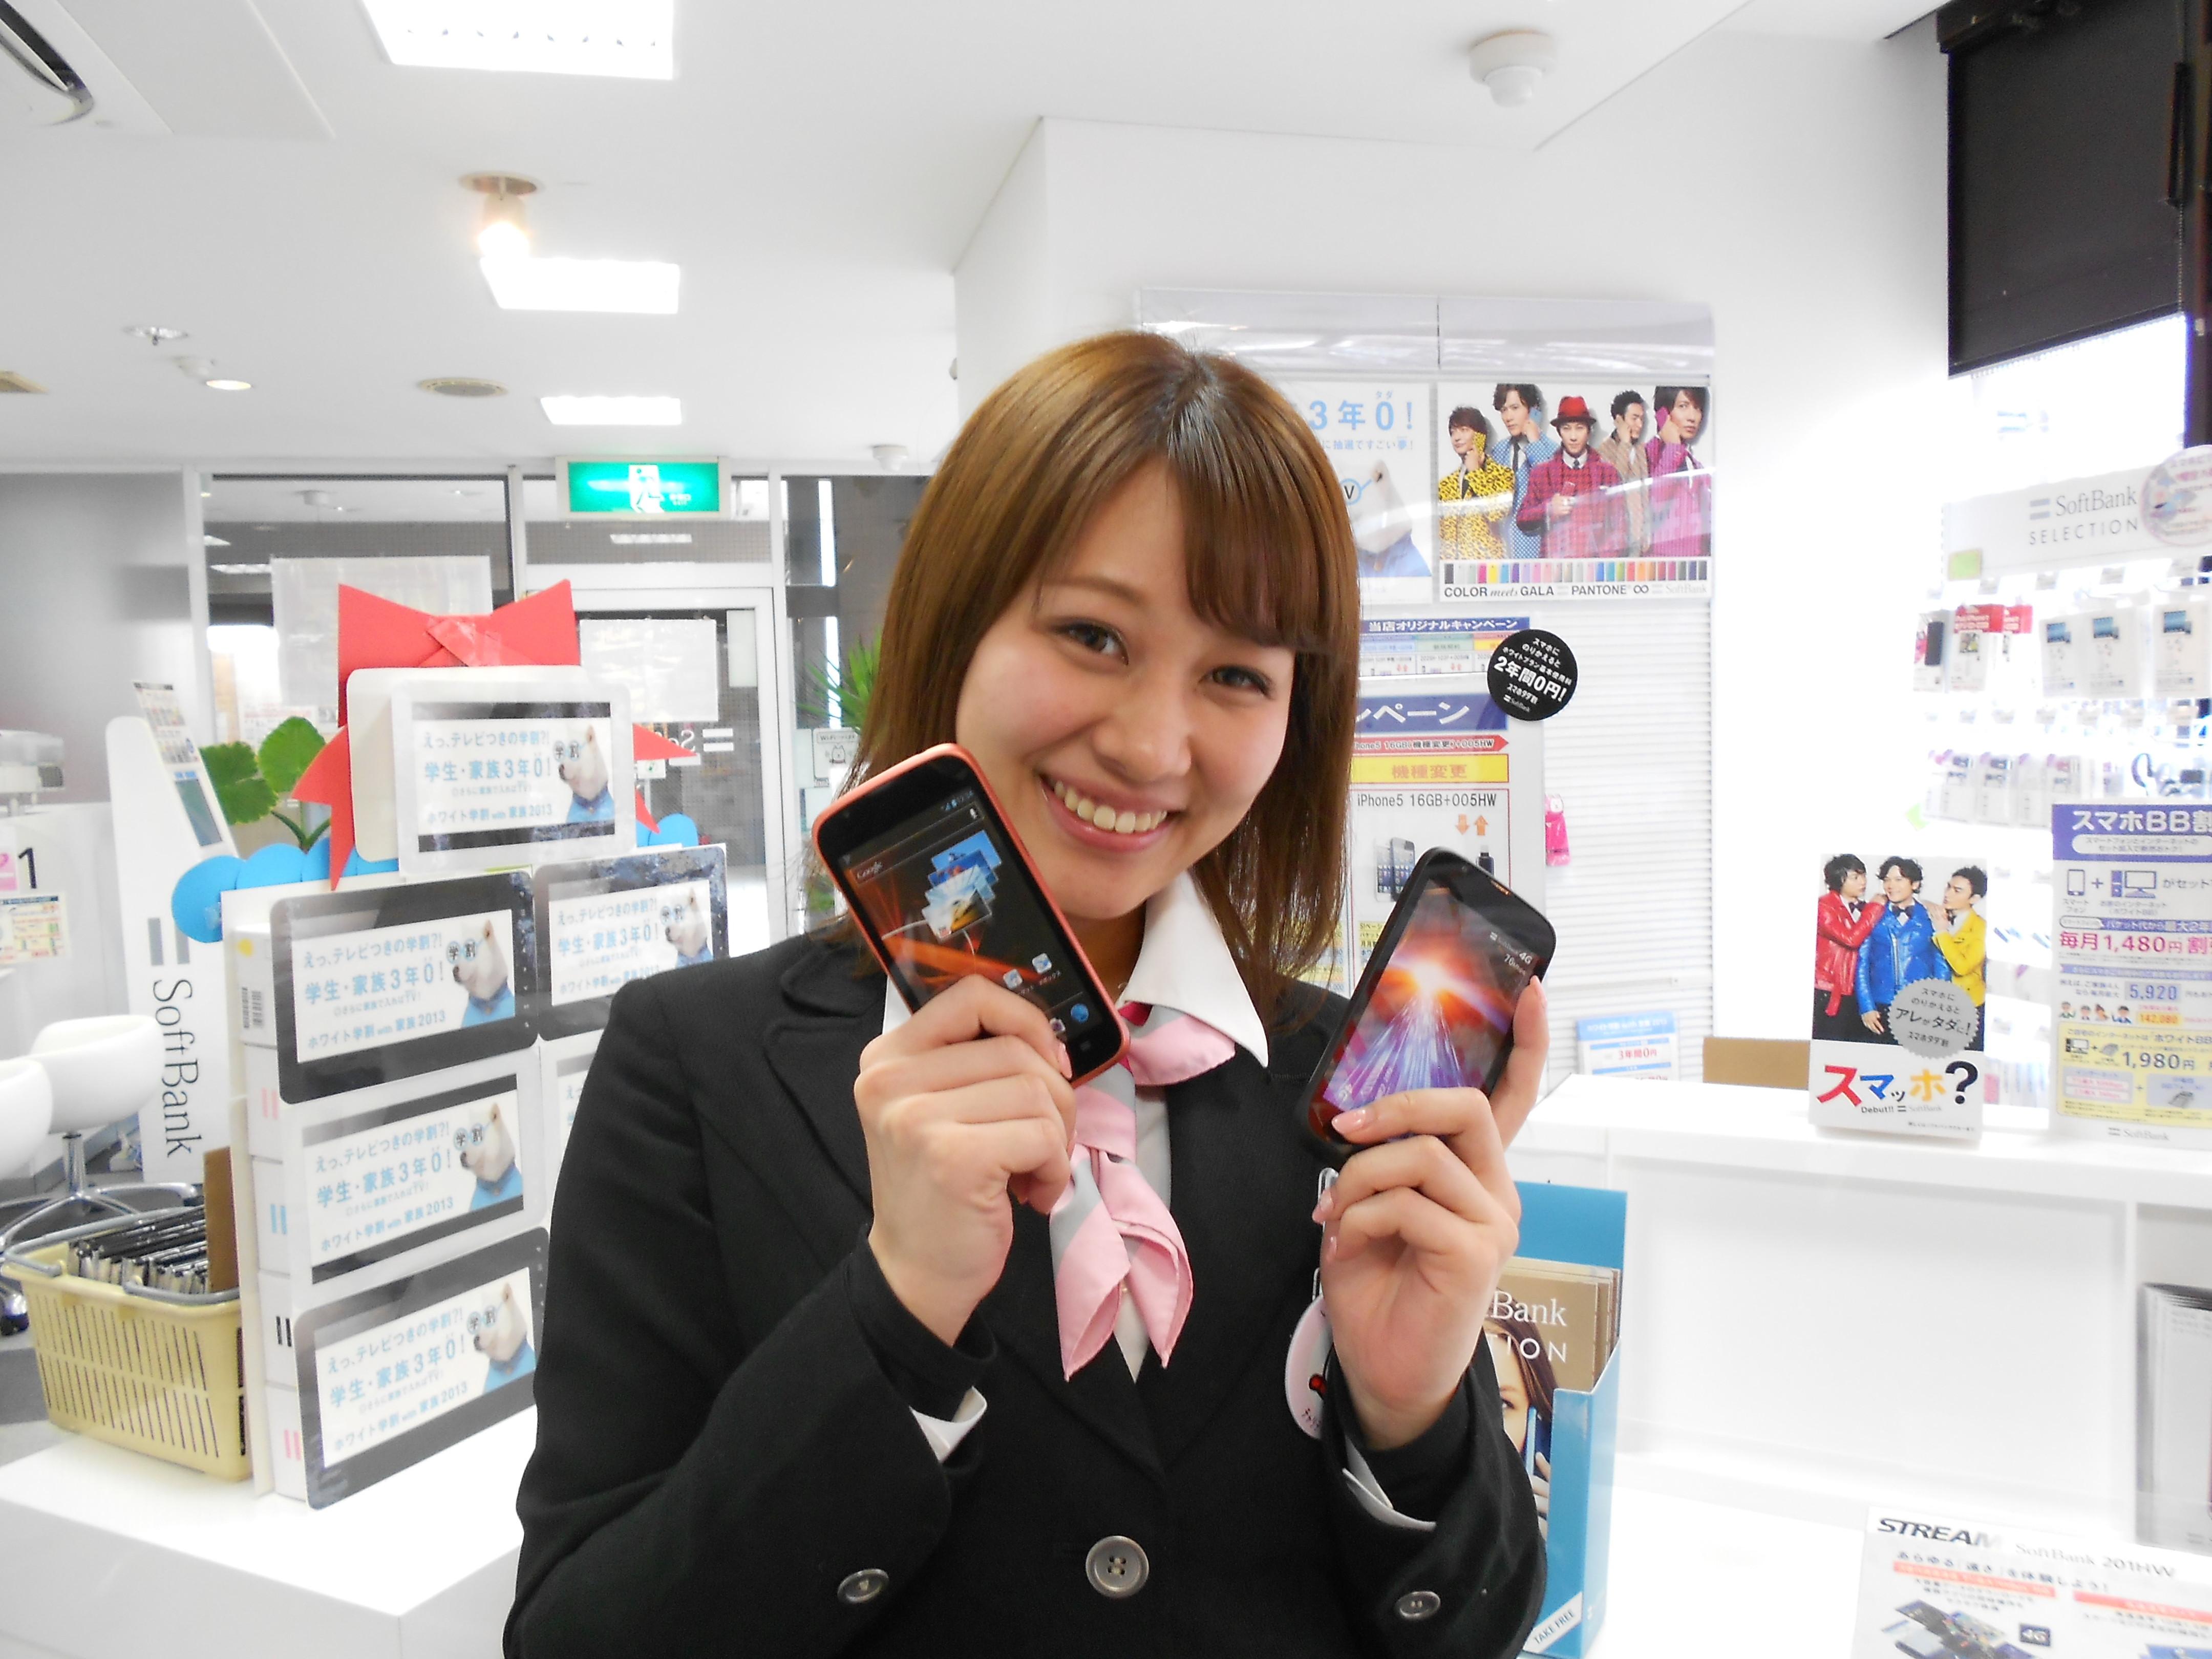 ソフトバンク 康生通(株式会社シエロ)のアルバイト情報